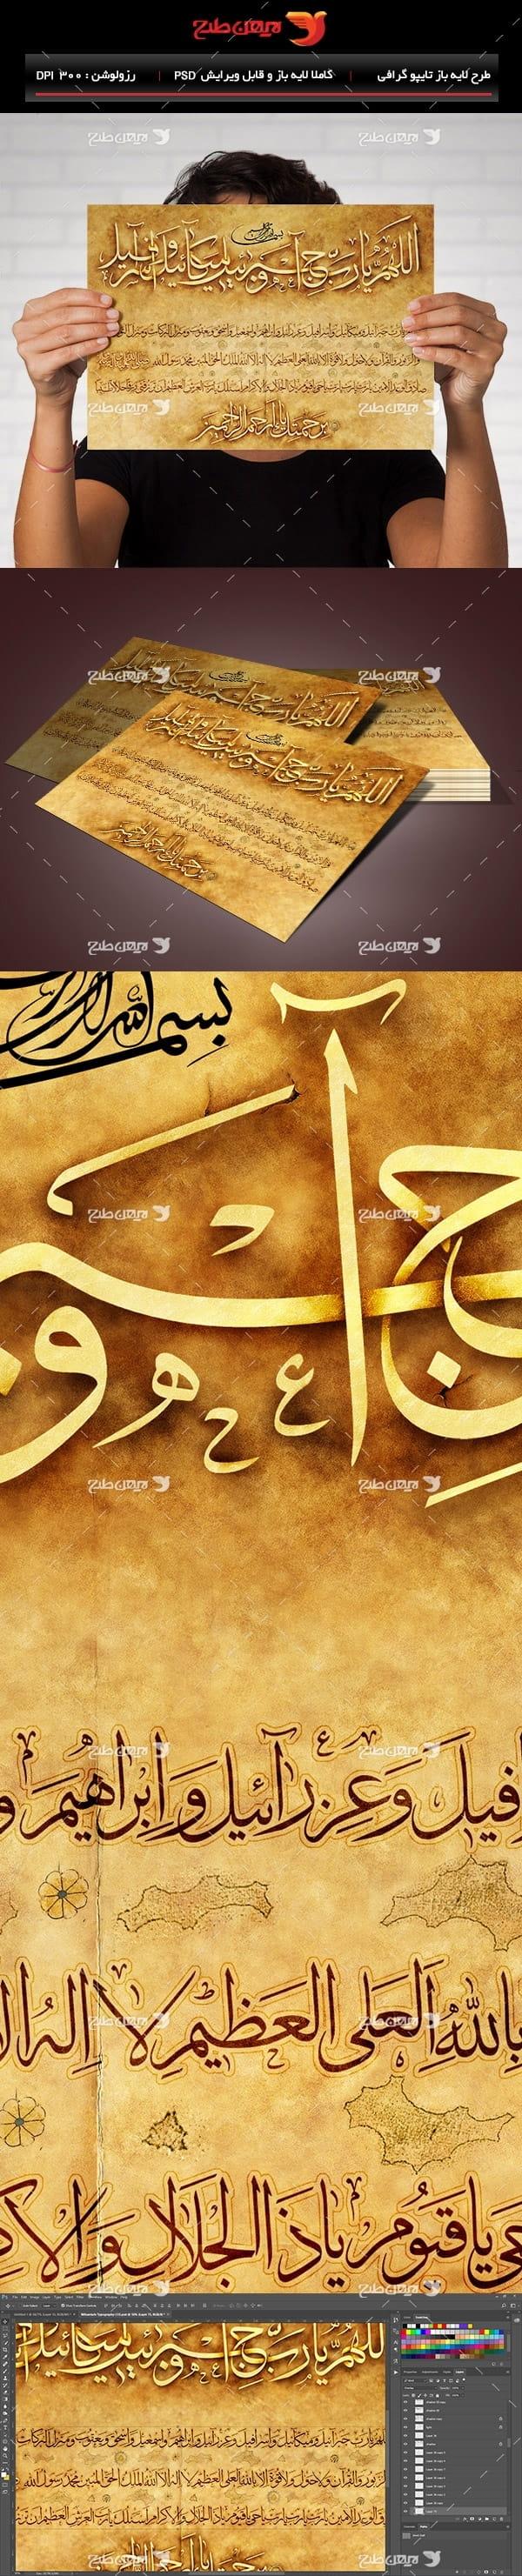 طرح لایه باز تایپوگرافی و خطاطی دعای جبرئیل بر پیامبر اکرم(ص)